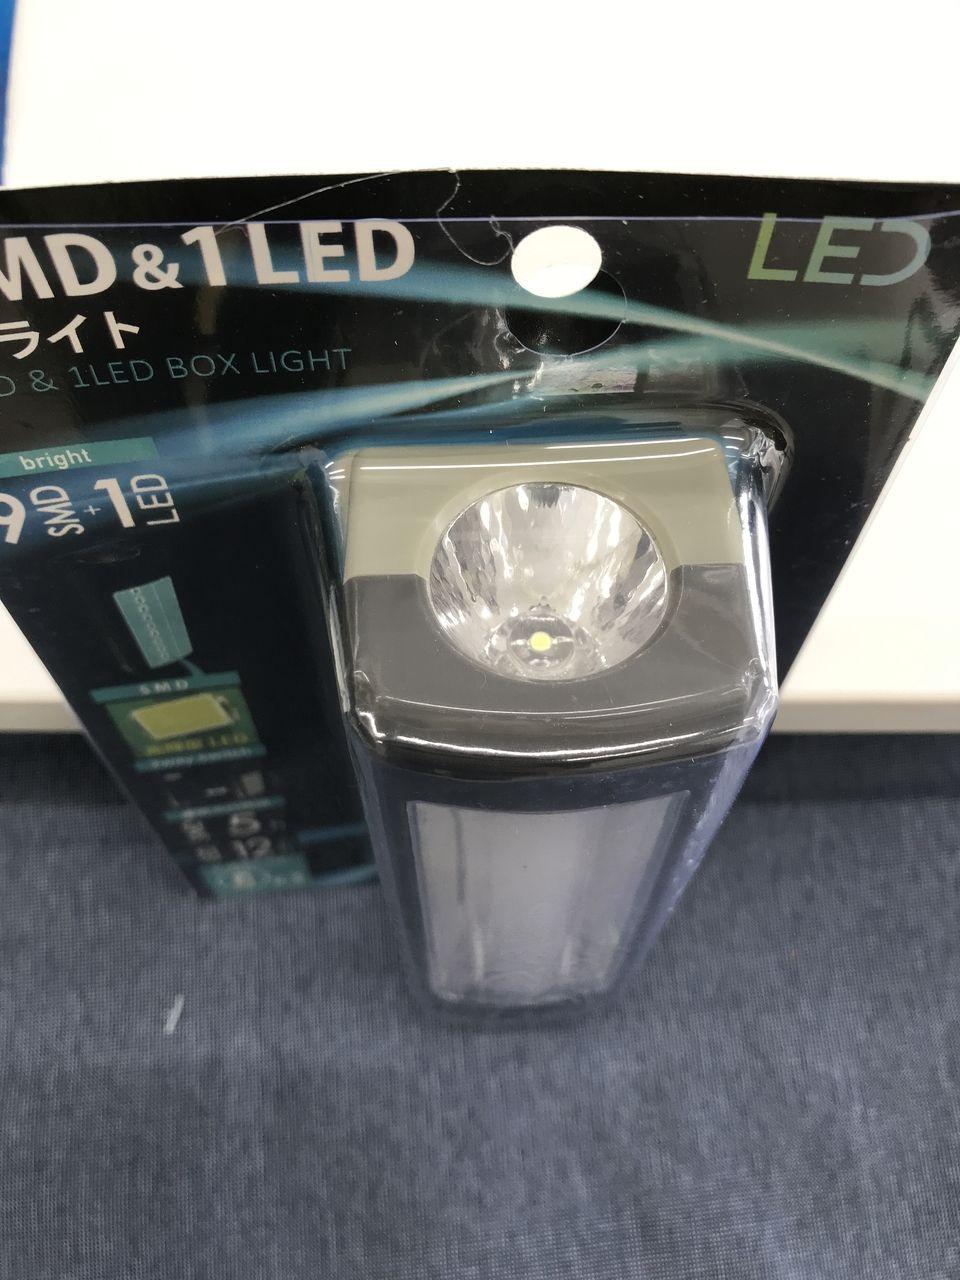 行徳の100円ショップの懐中電灯